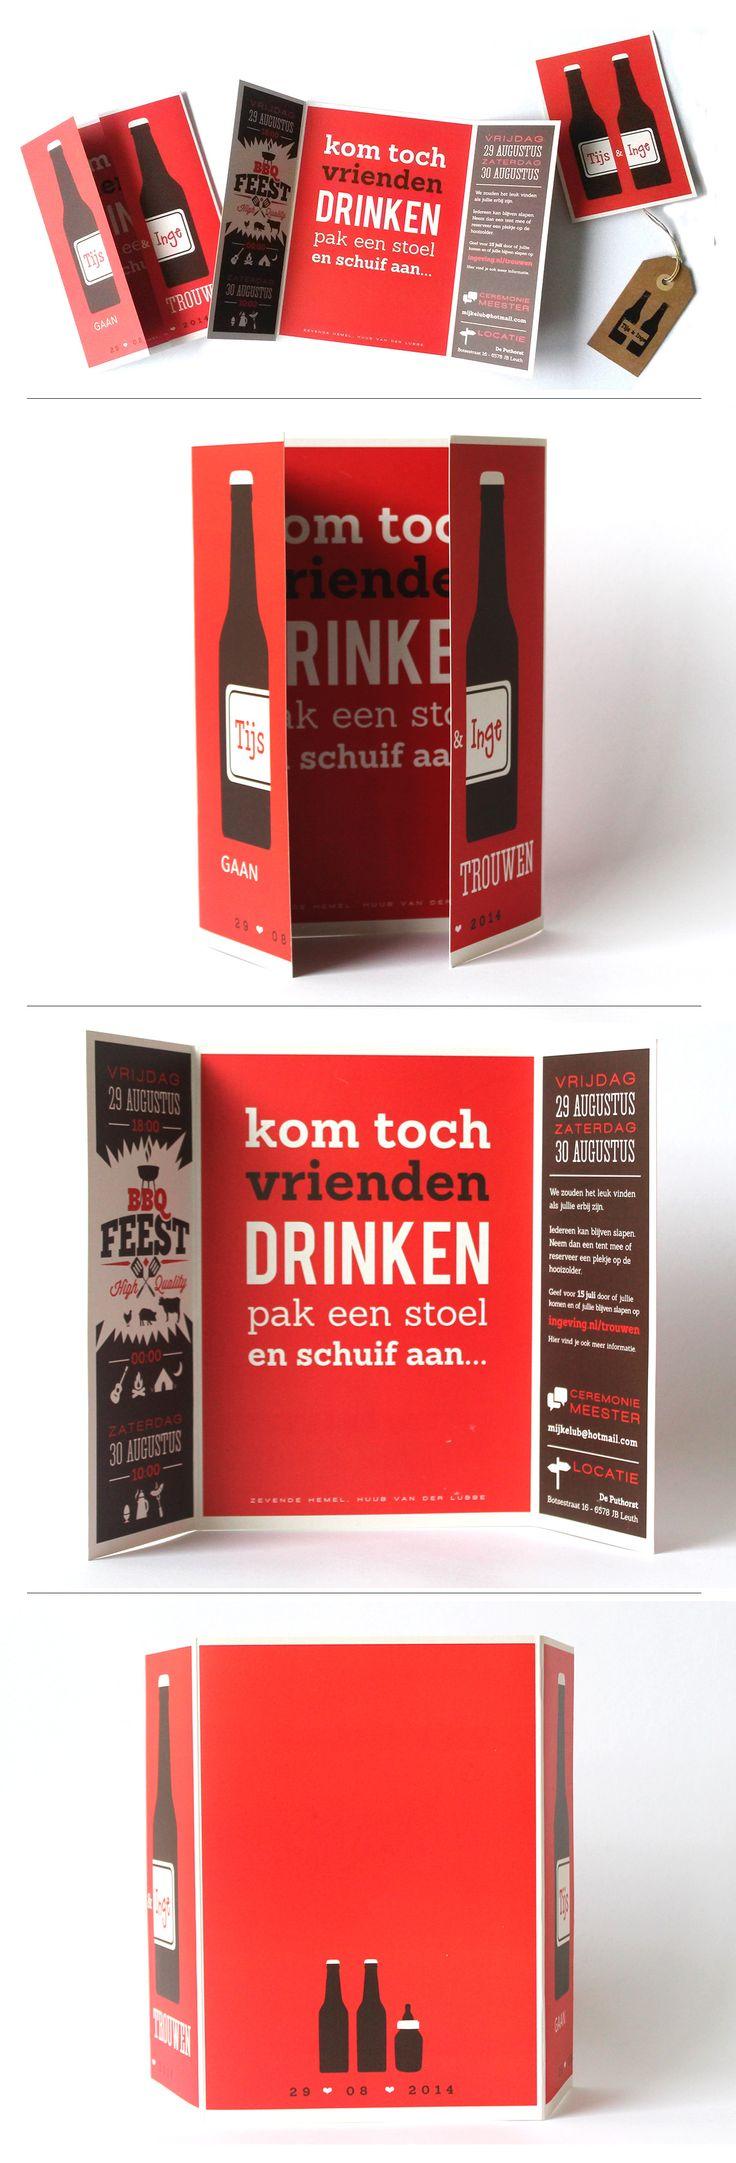 Trouwkaart, ontwerp, typografie, illustratie, trouwhuisstijl